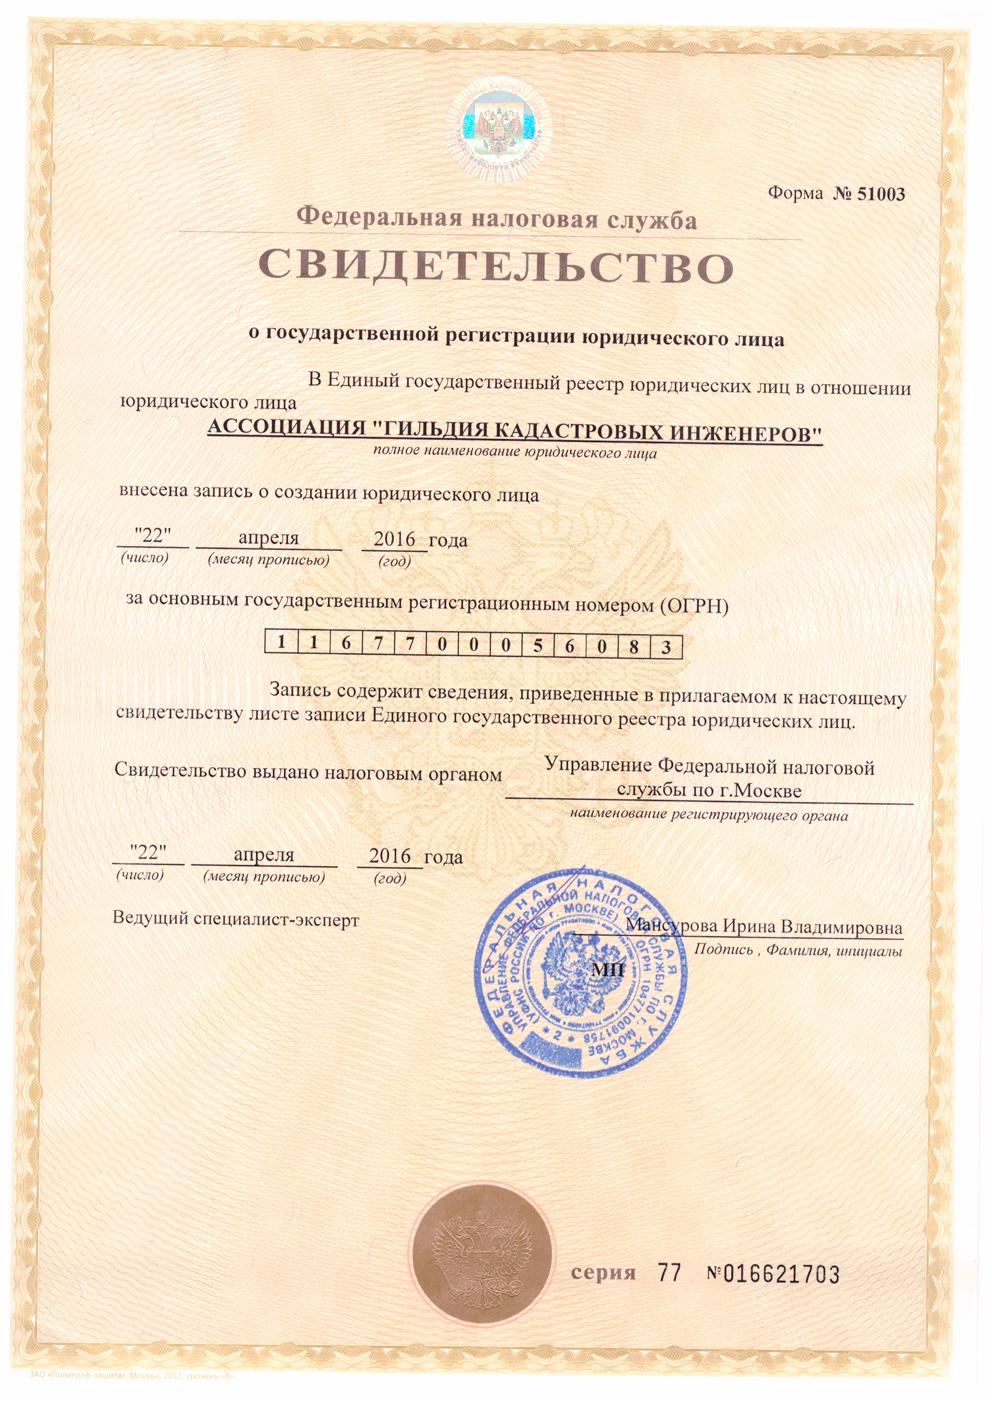 Документ подтверждающий членство в сро кадастровых инженеров